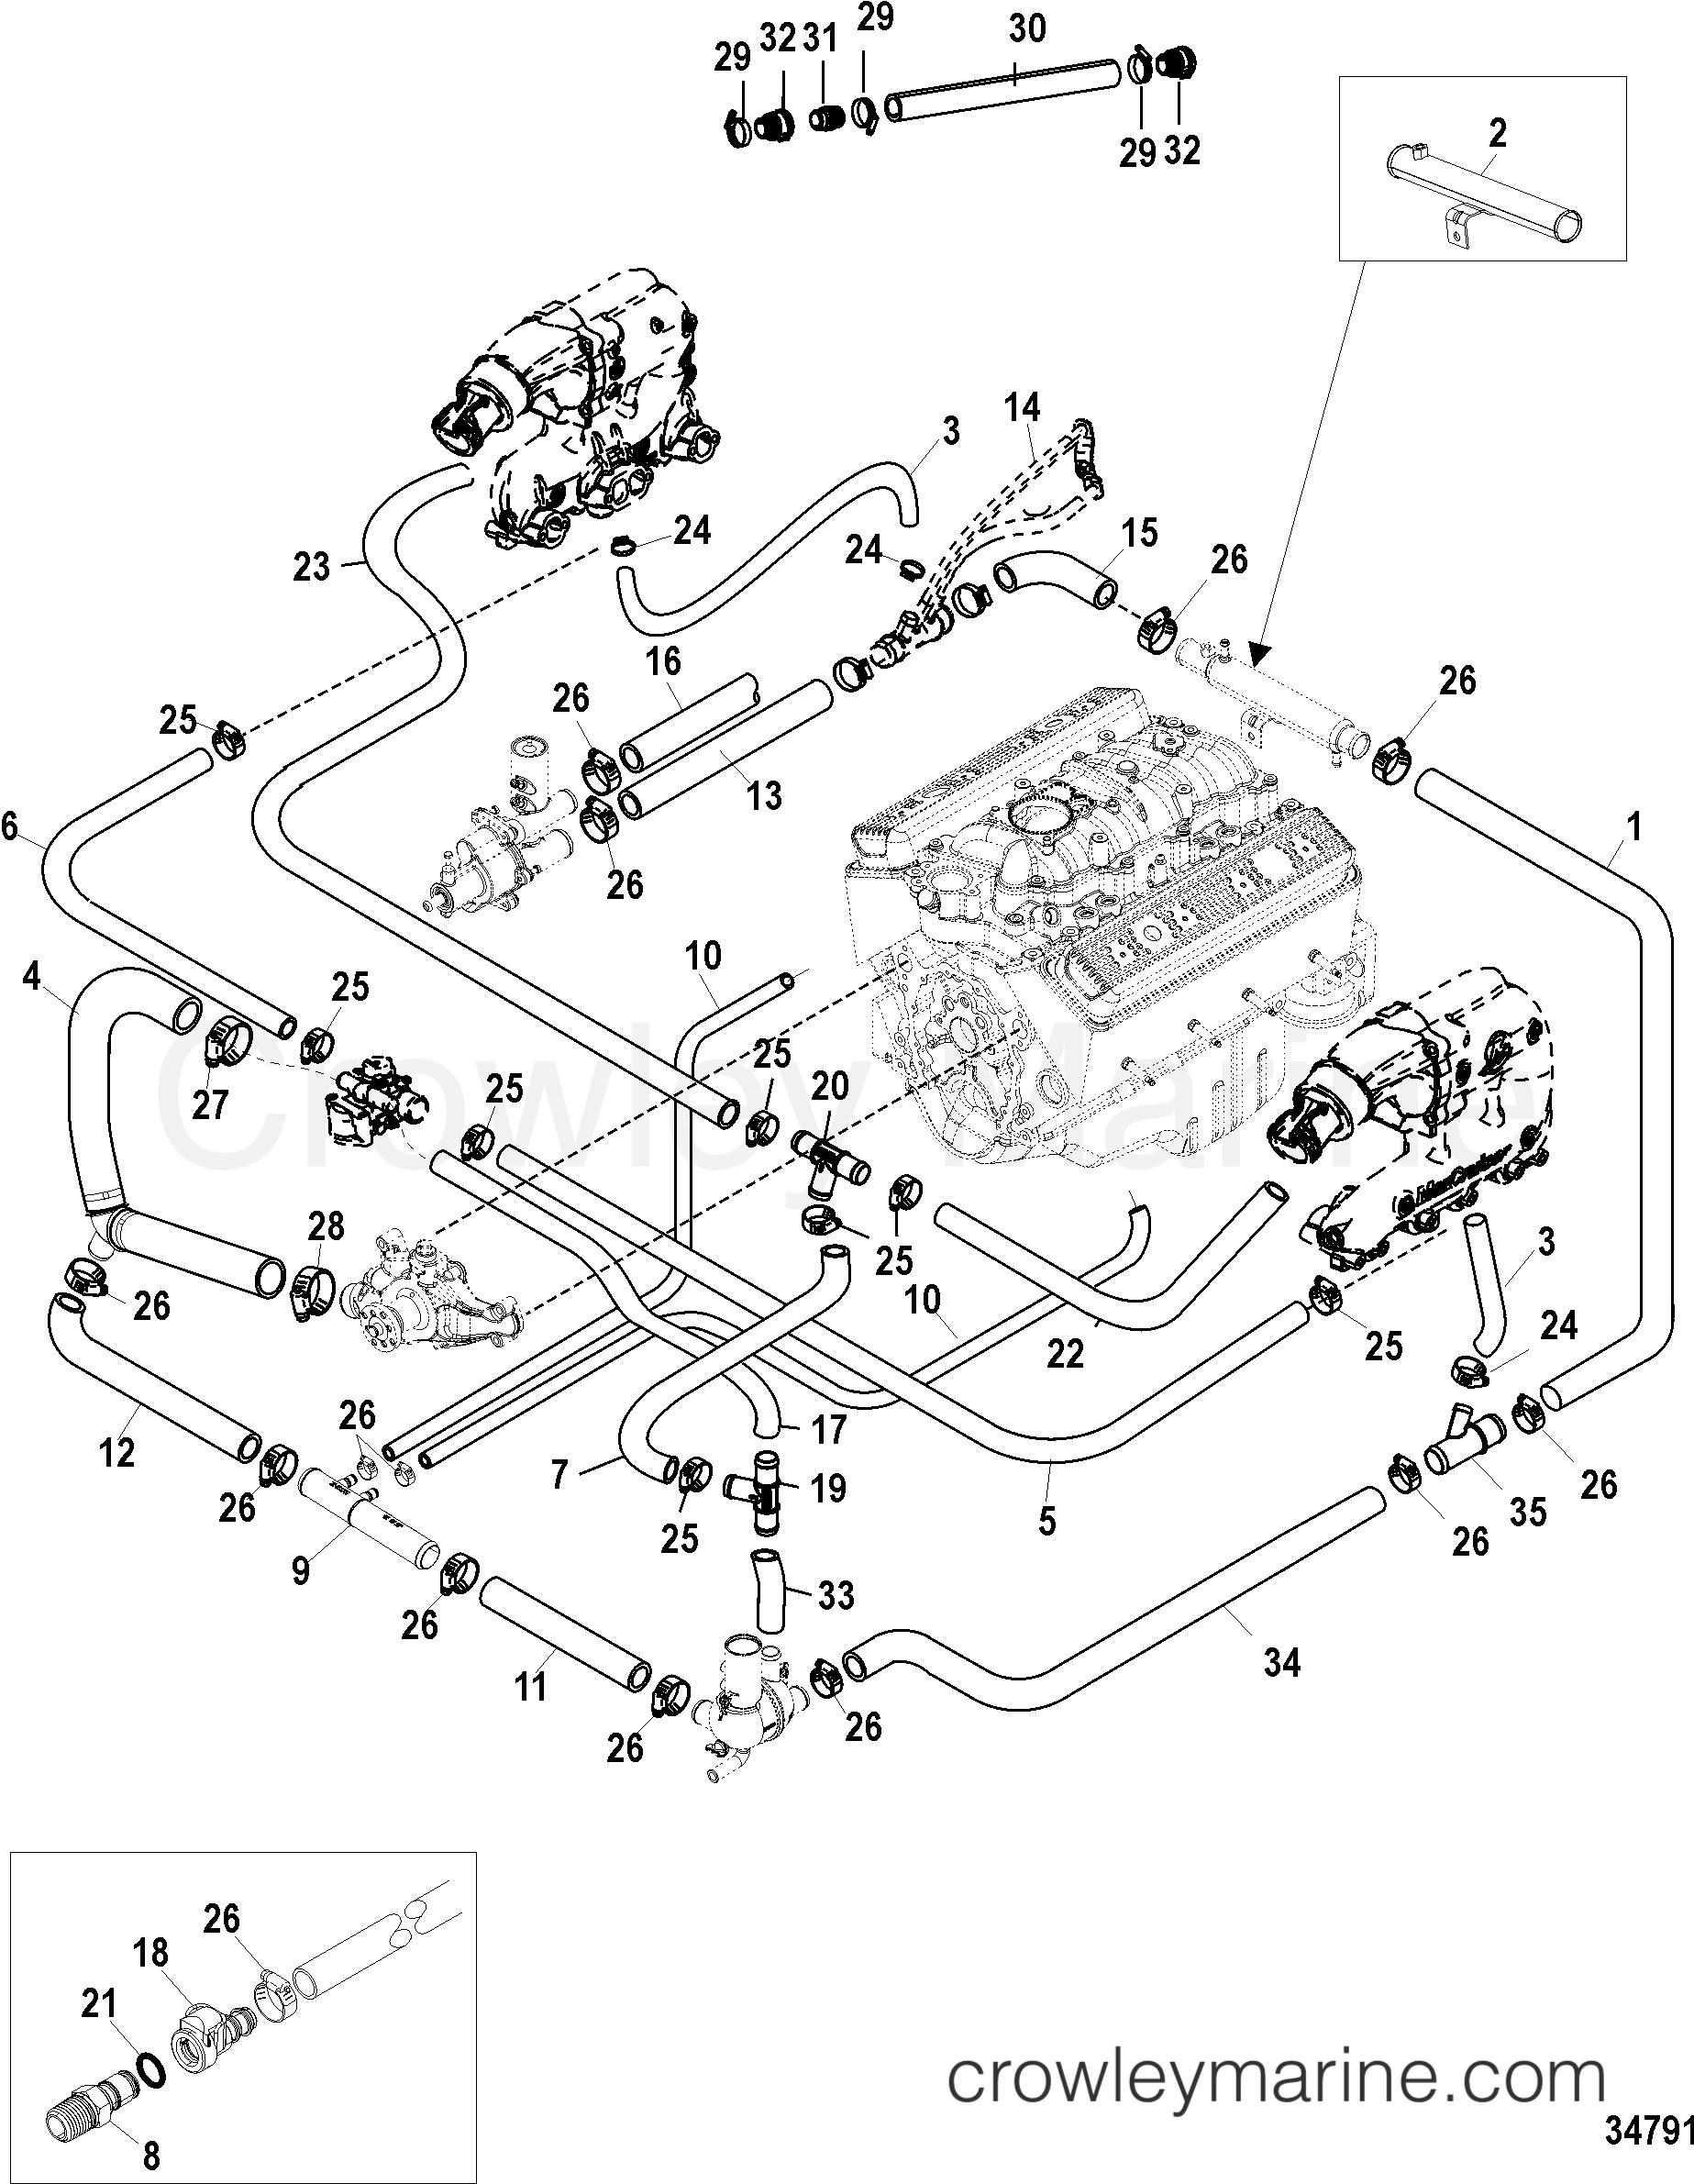 Standard Cooling System  V-drive